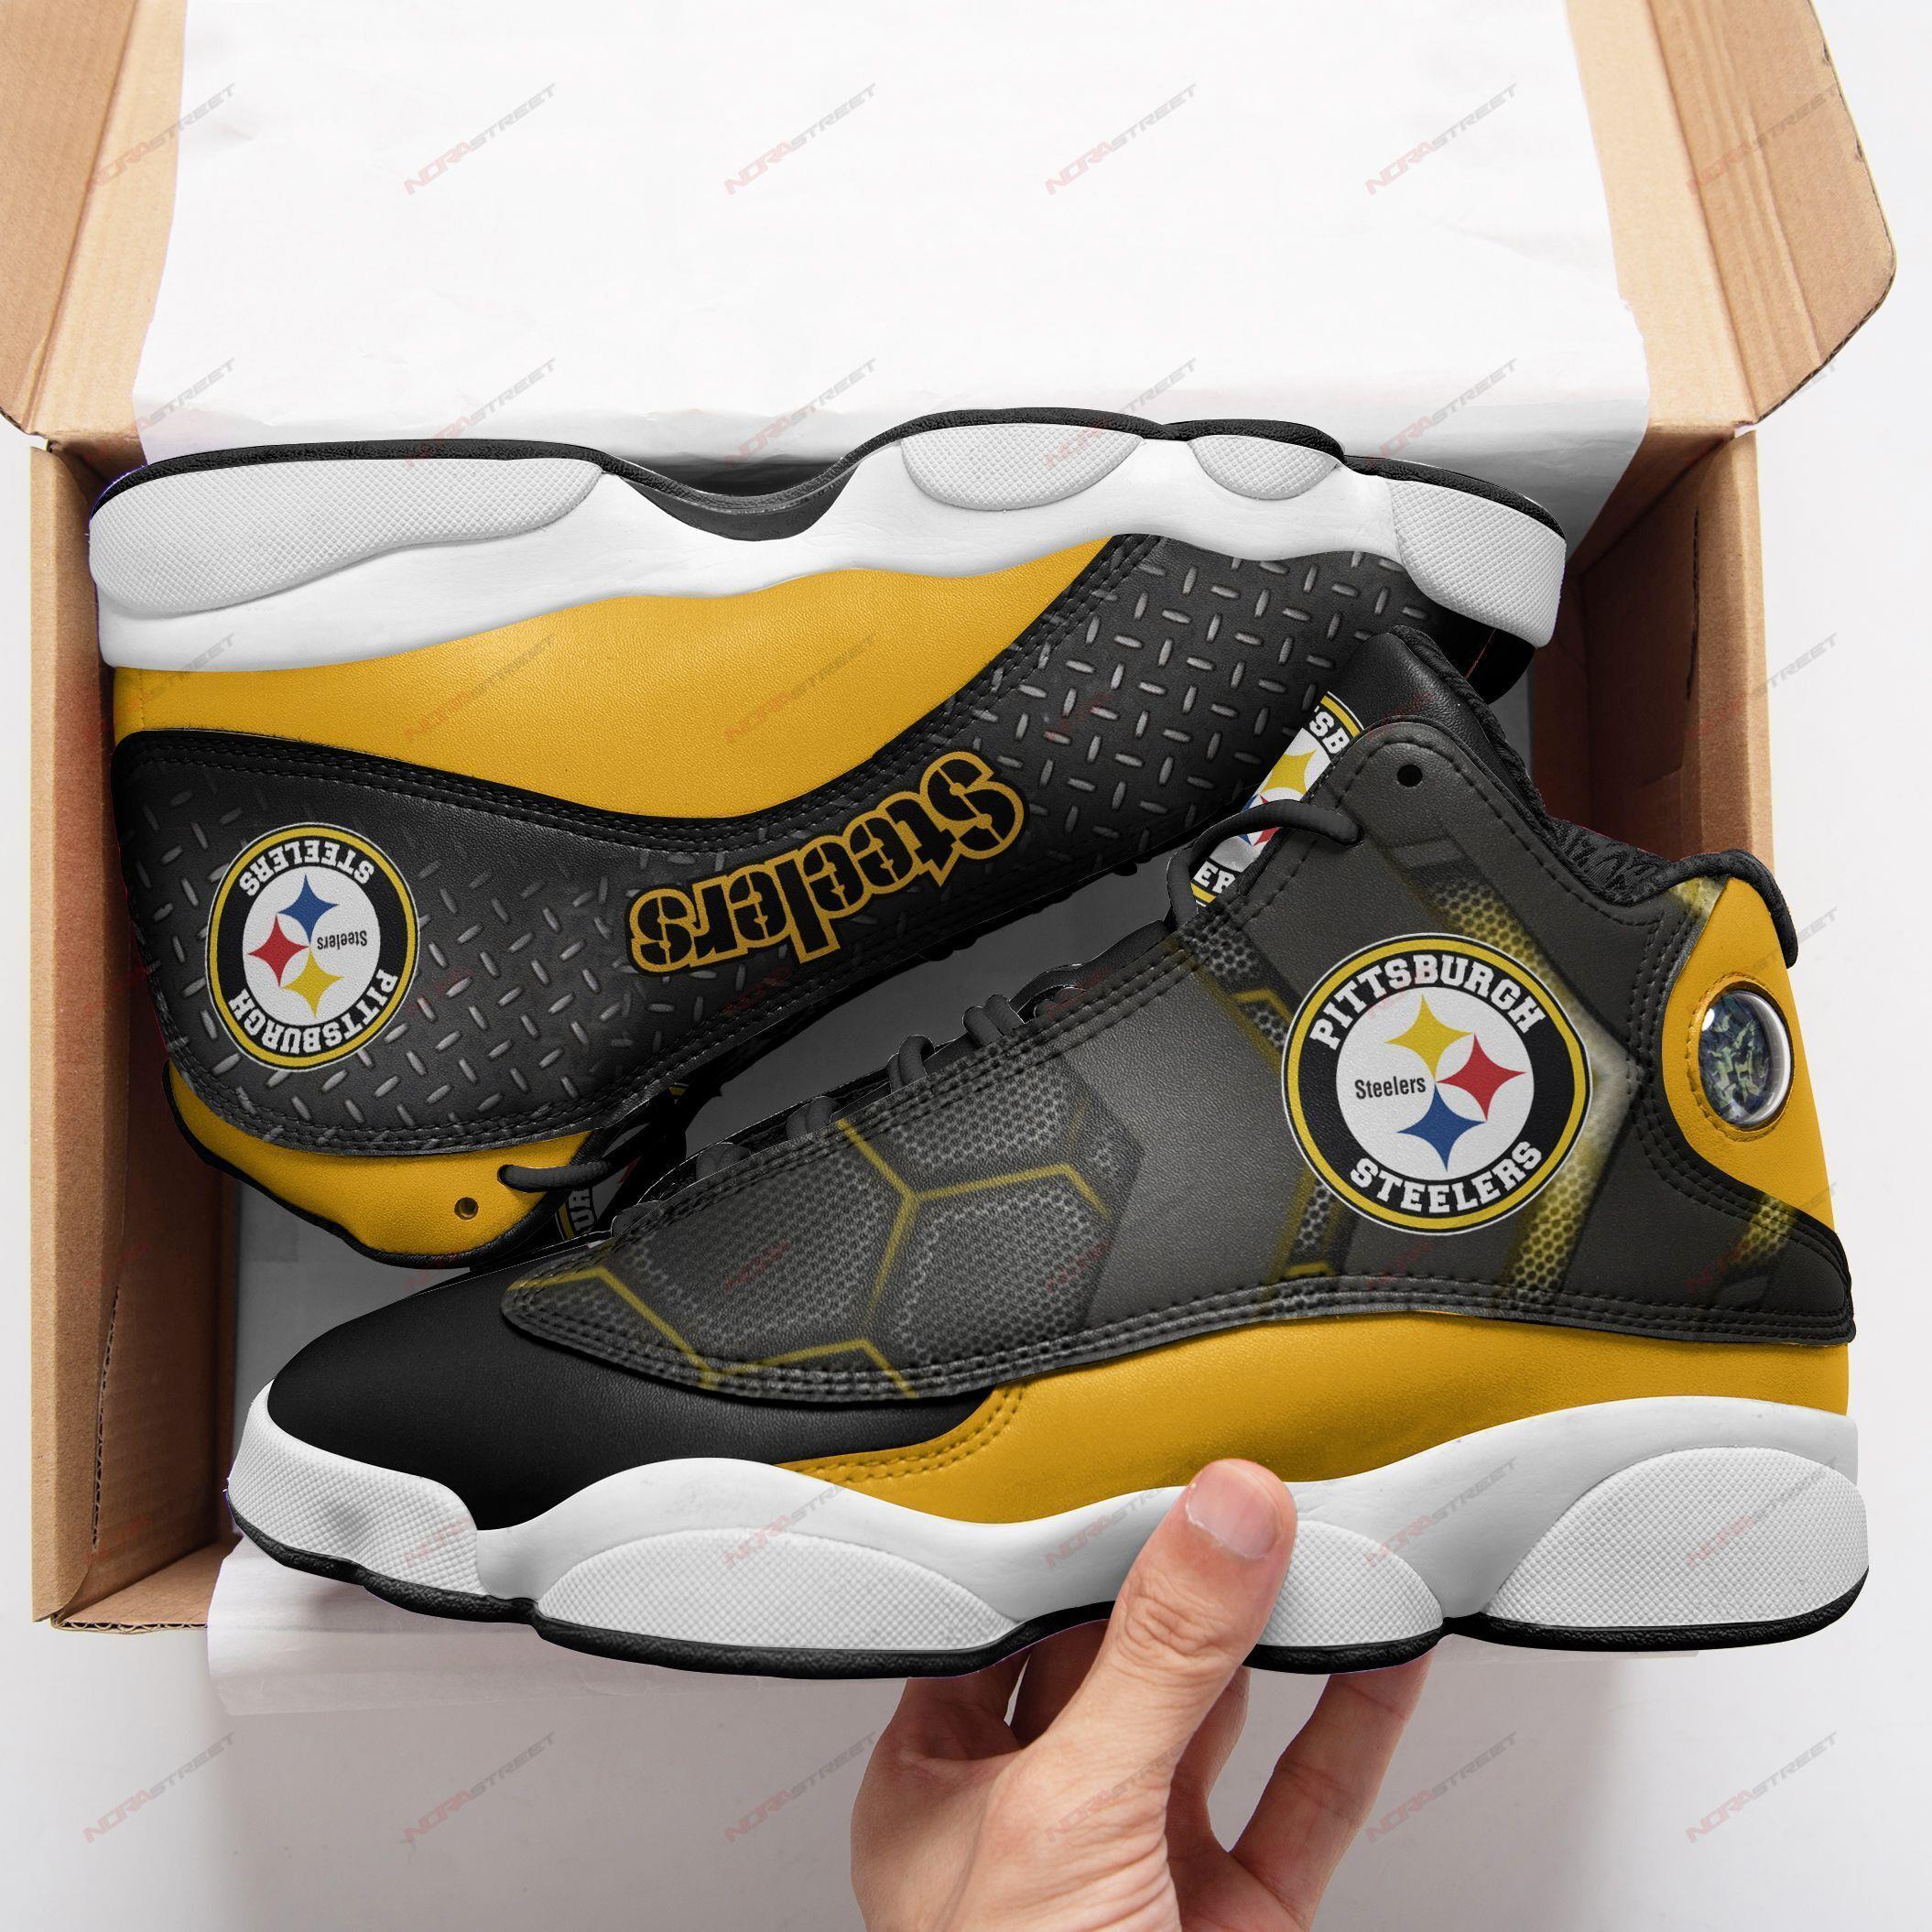 Pittsburgh Steelers Air Jordan 13 Sneakers Sport Shoes